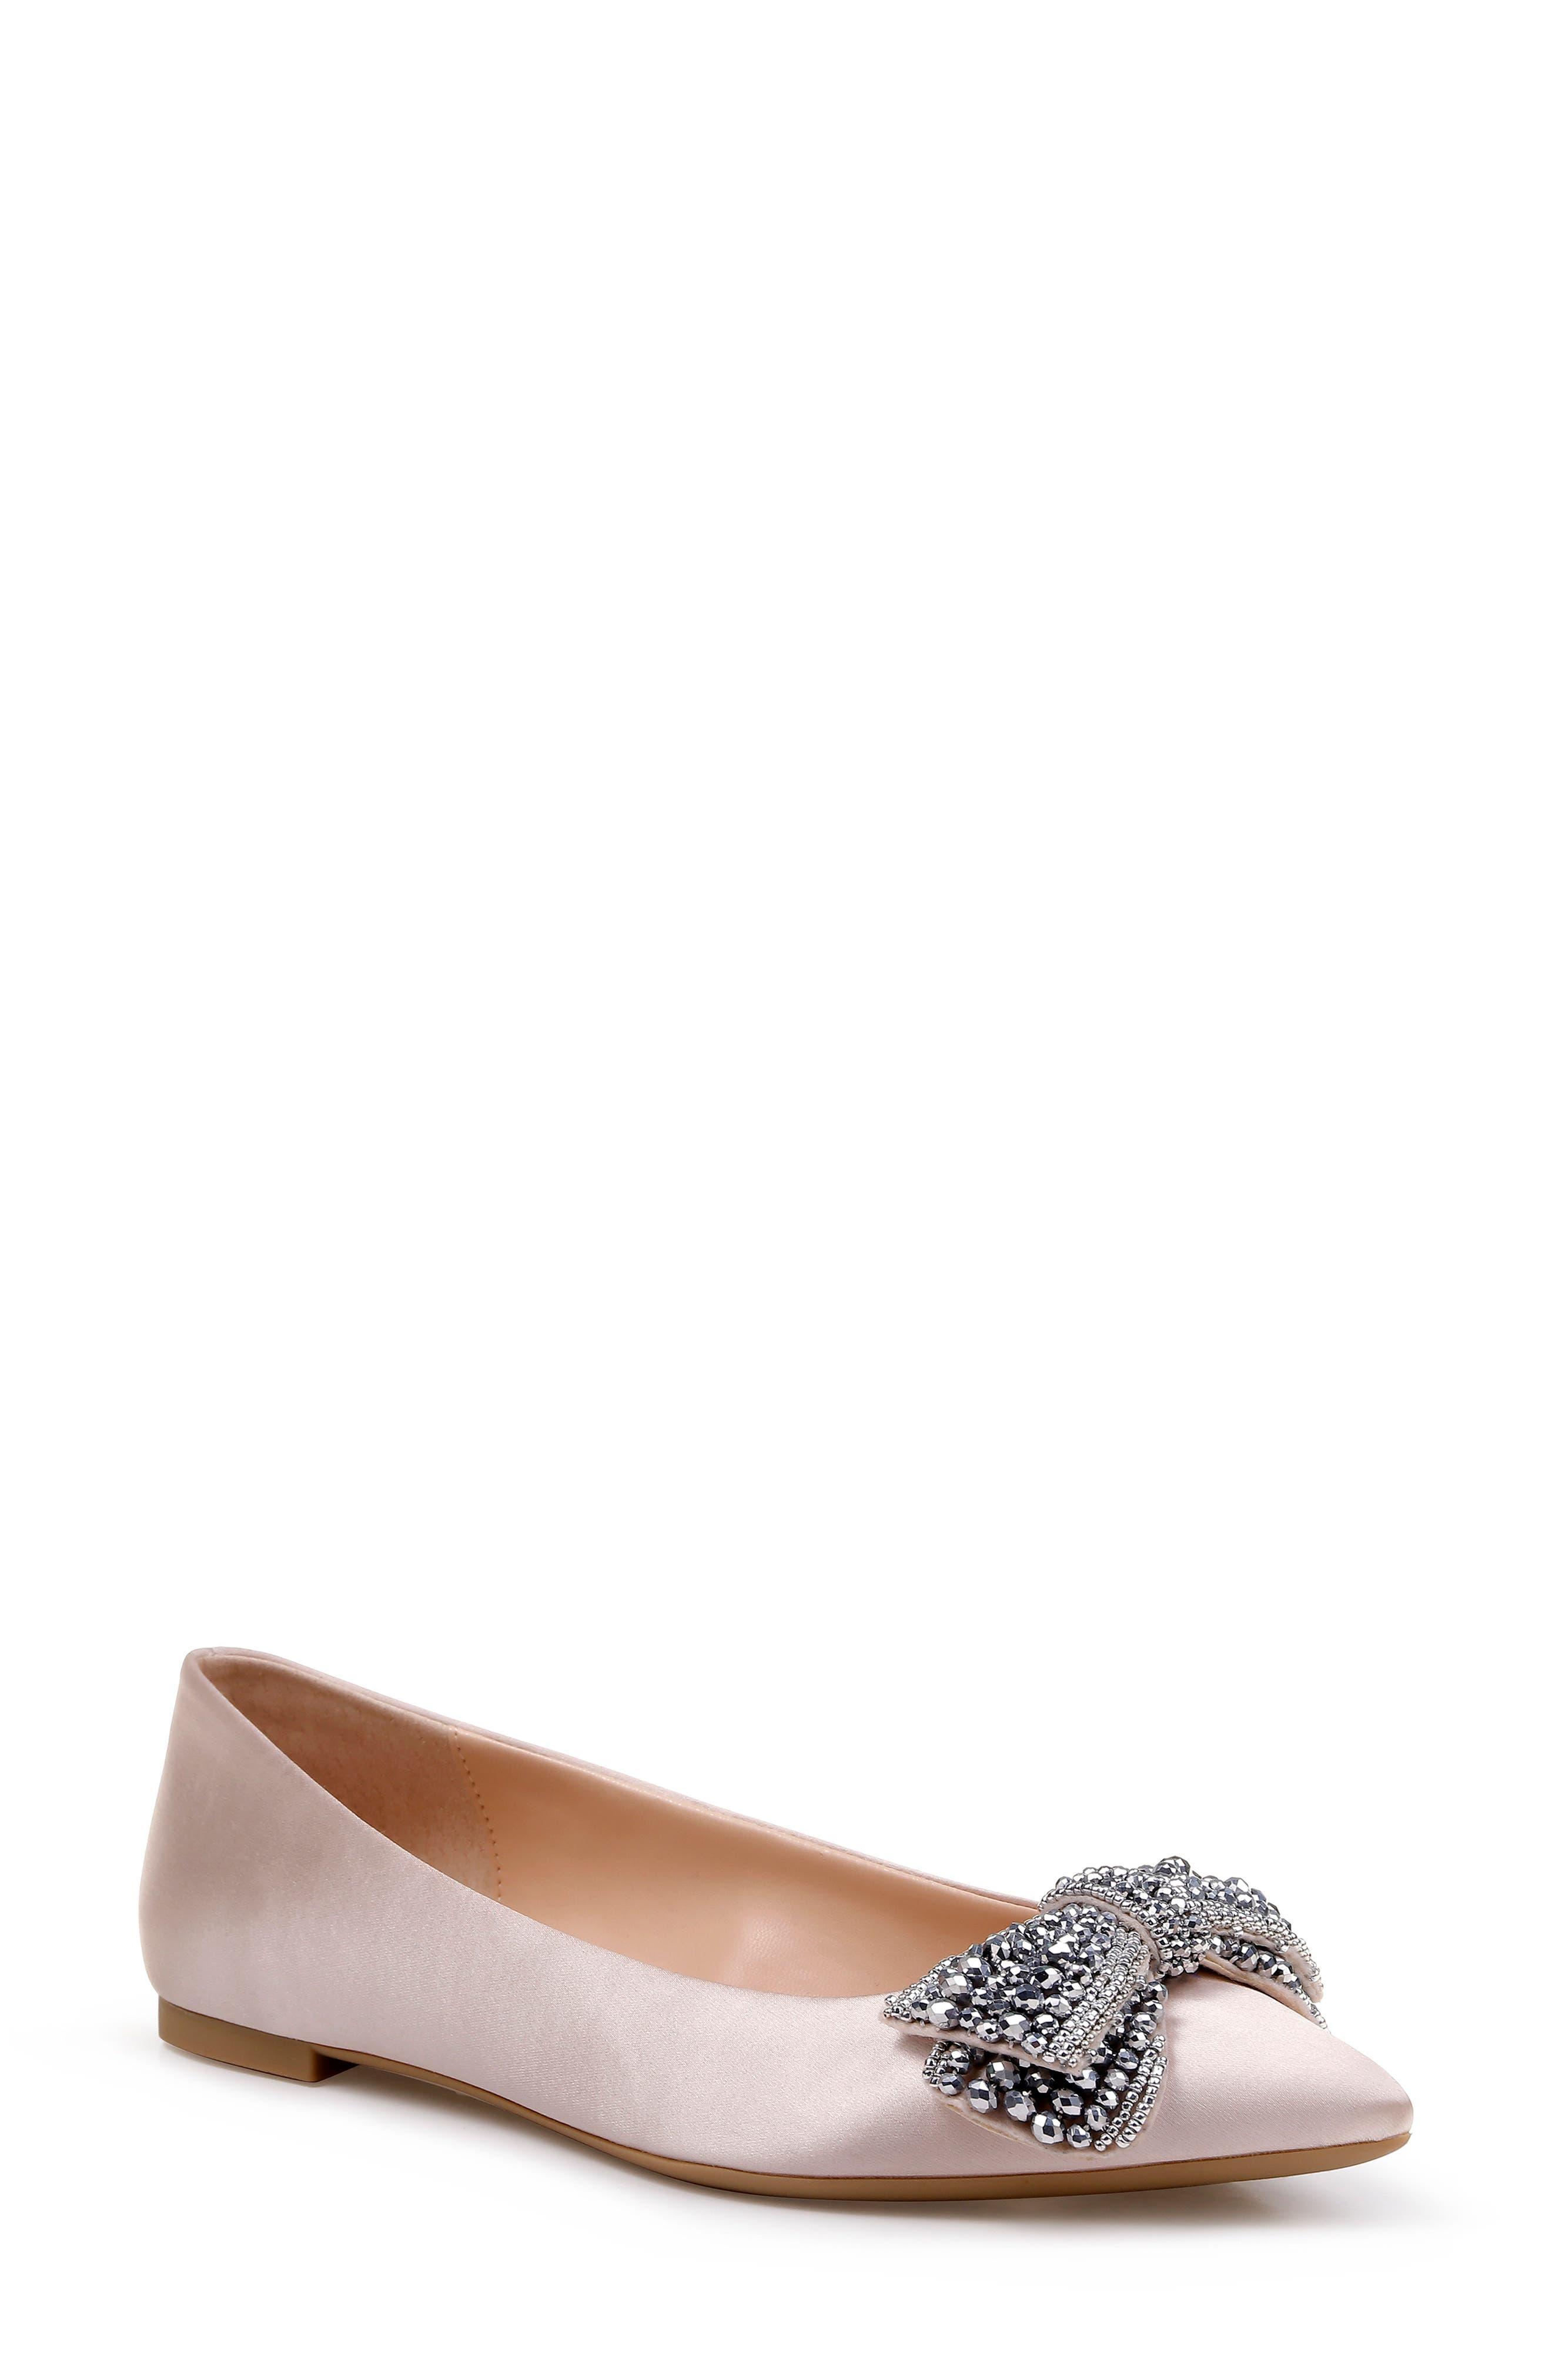 3399dd2ab01f Women s Shoes Sale